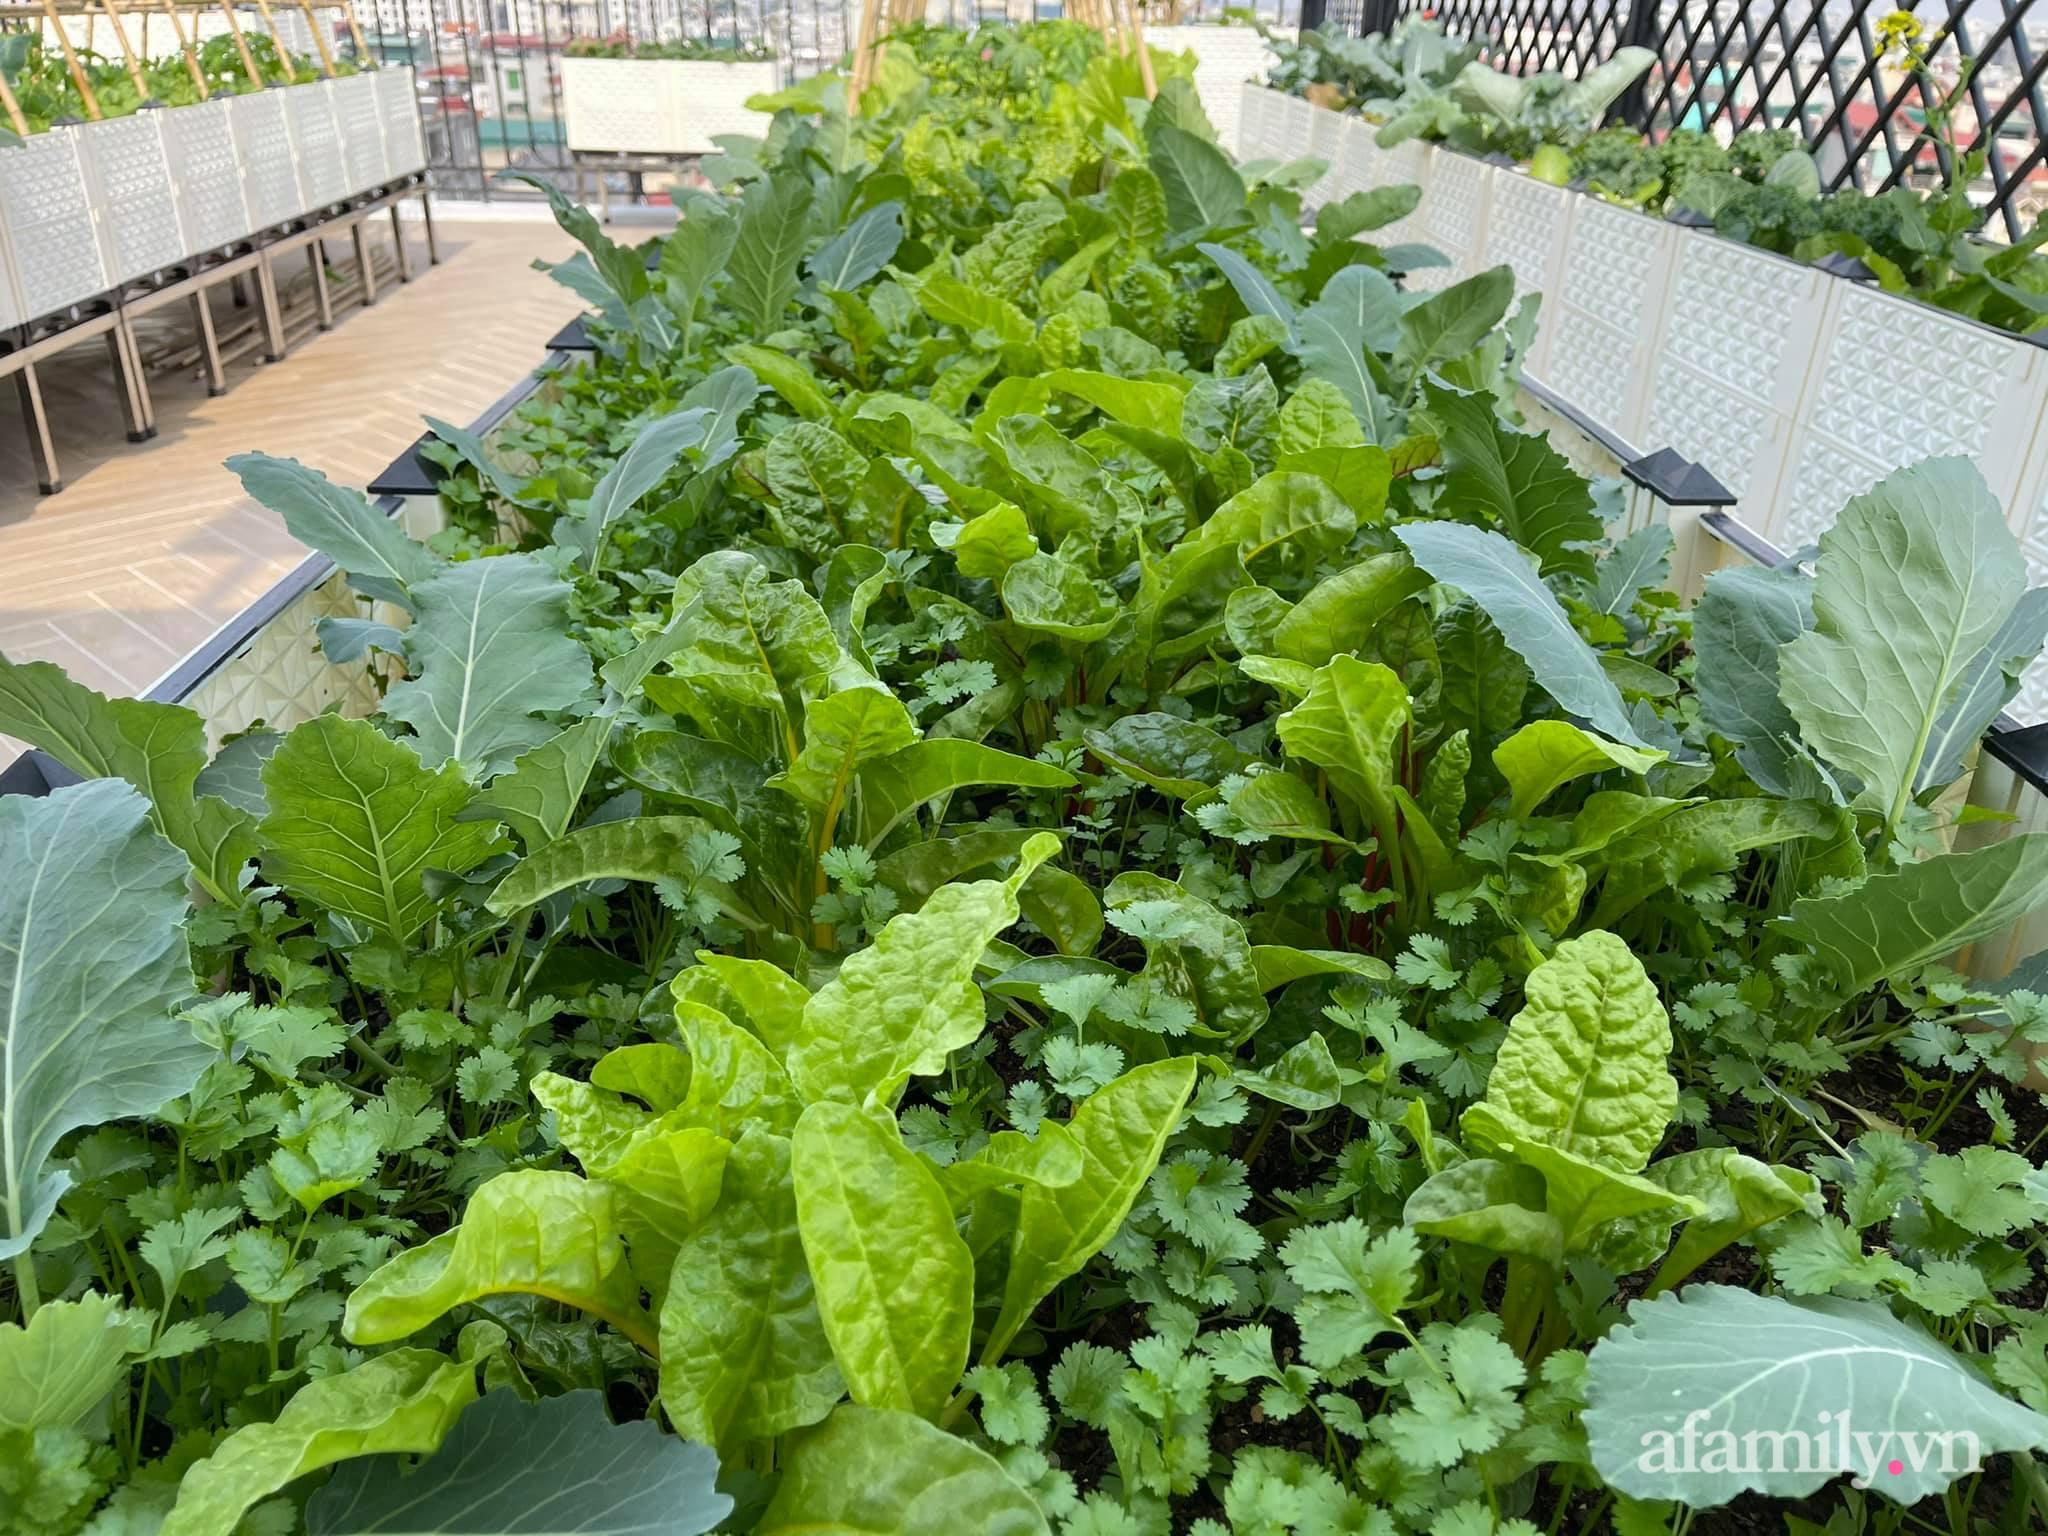 Sân thượng 83m² phủ kín rau quả sạch chỉ sau gần 1 tháng gieo trồng của cô giáo về hưu ở Hà Nội - Ảnh 4.